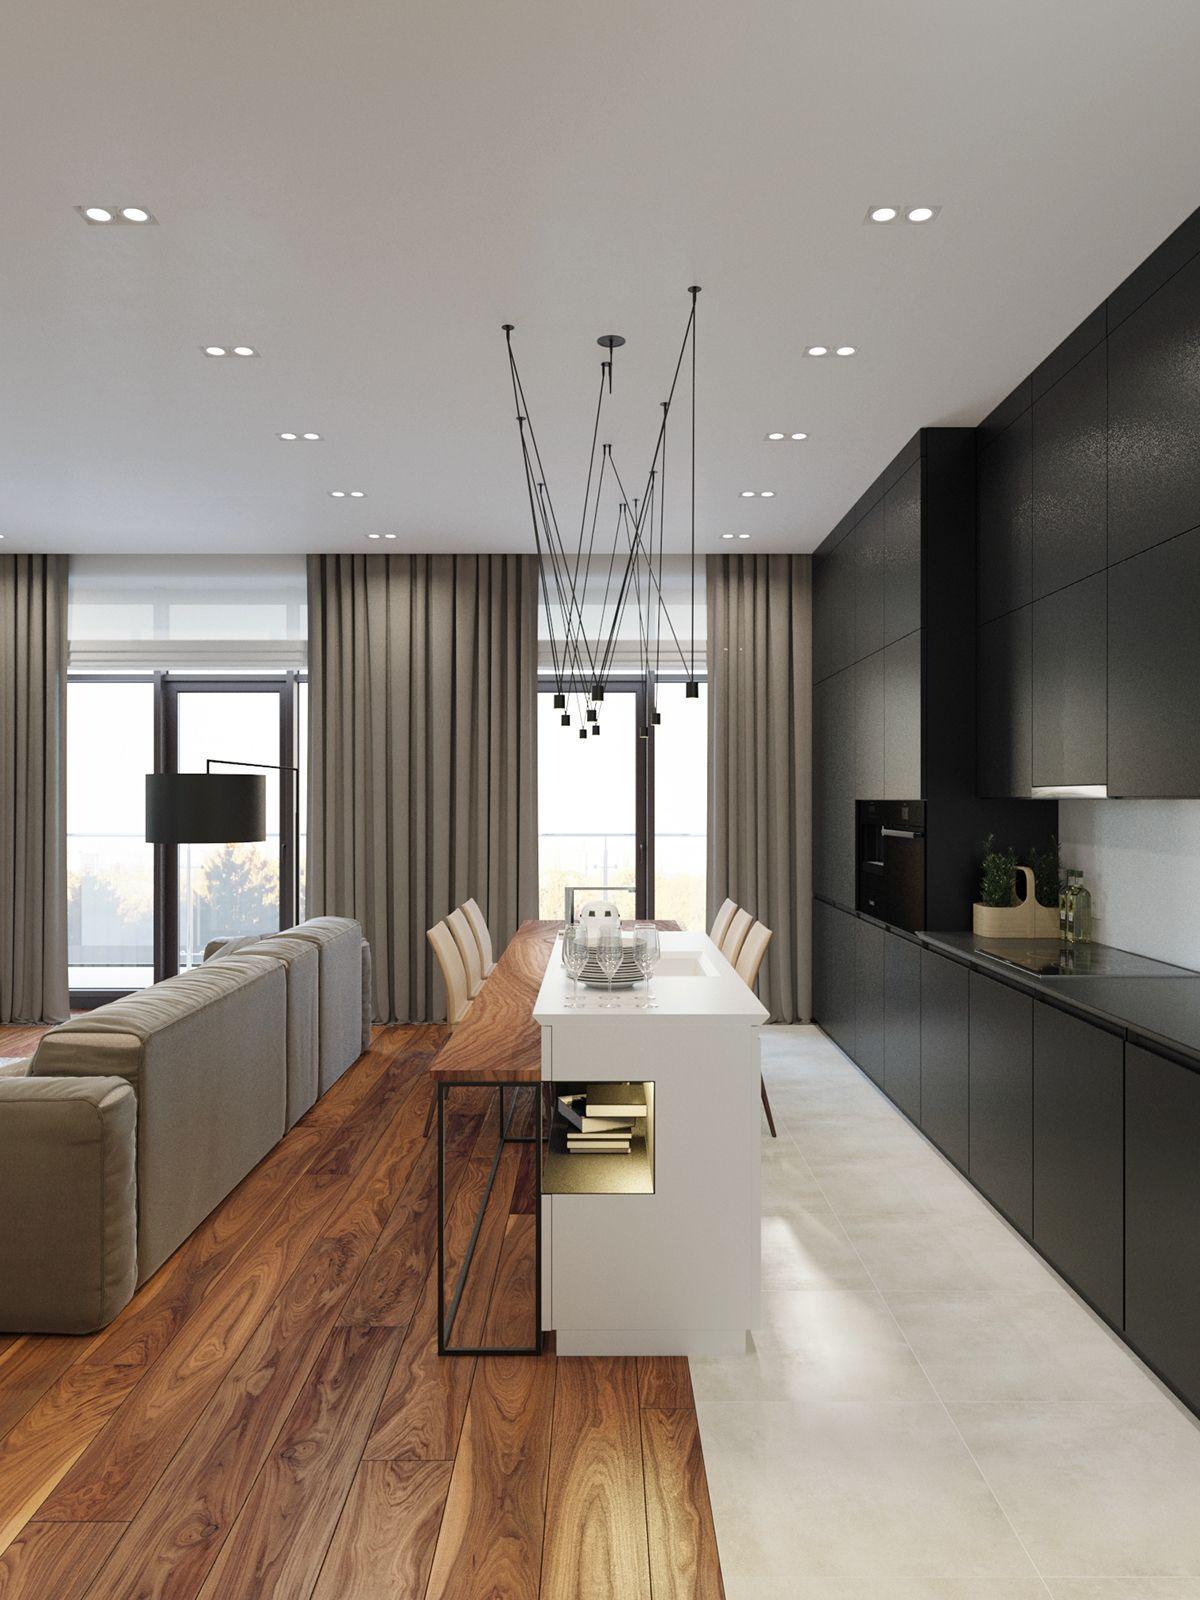 Küchen-designmöbel  modern kitchen cabinets ideas to get more inspiration dish